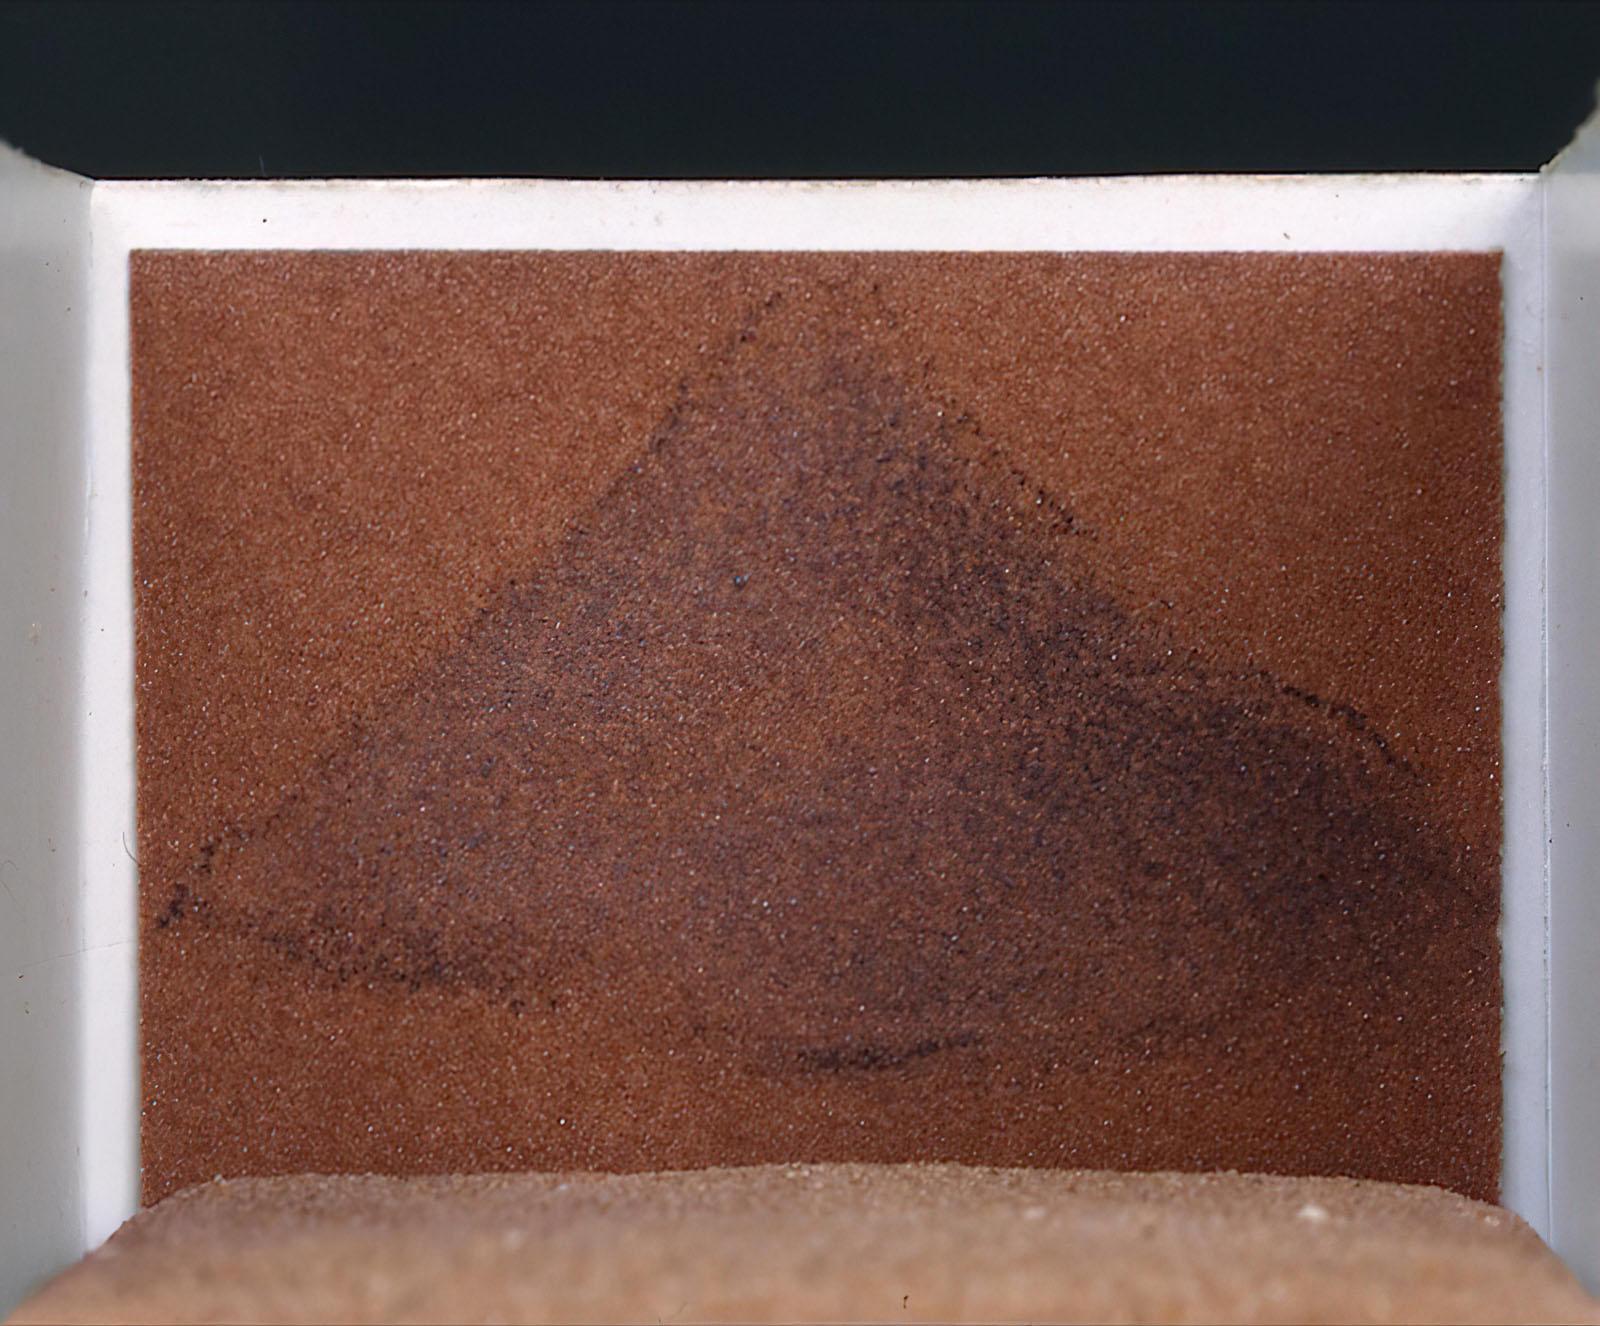 Tom J. Gramse - Gedanken zu einem Sandhaufen